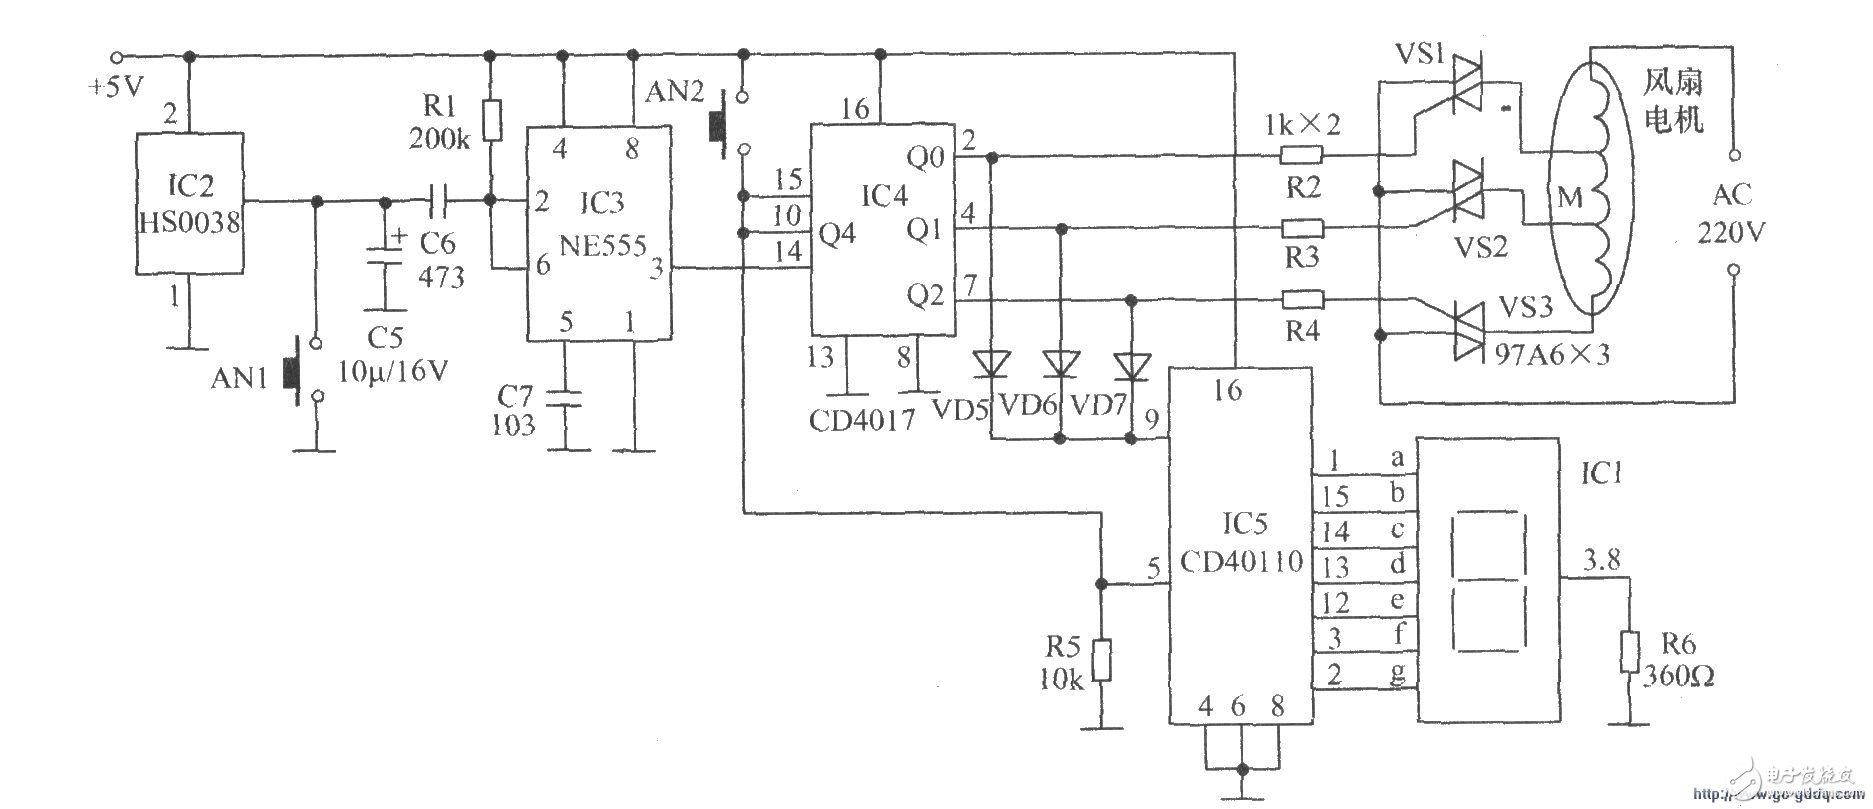 红外遥控风扇电路原理